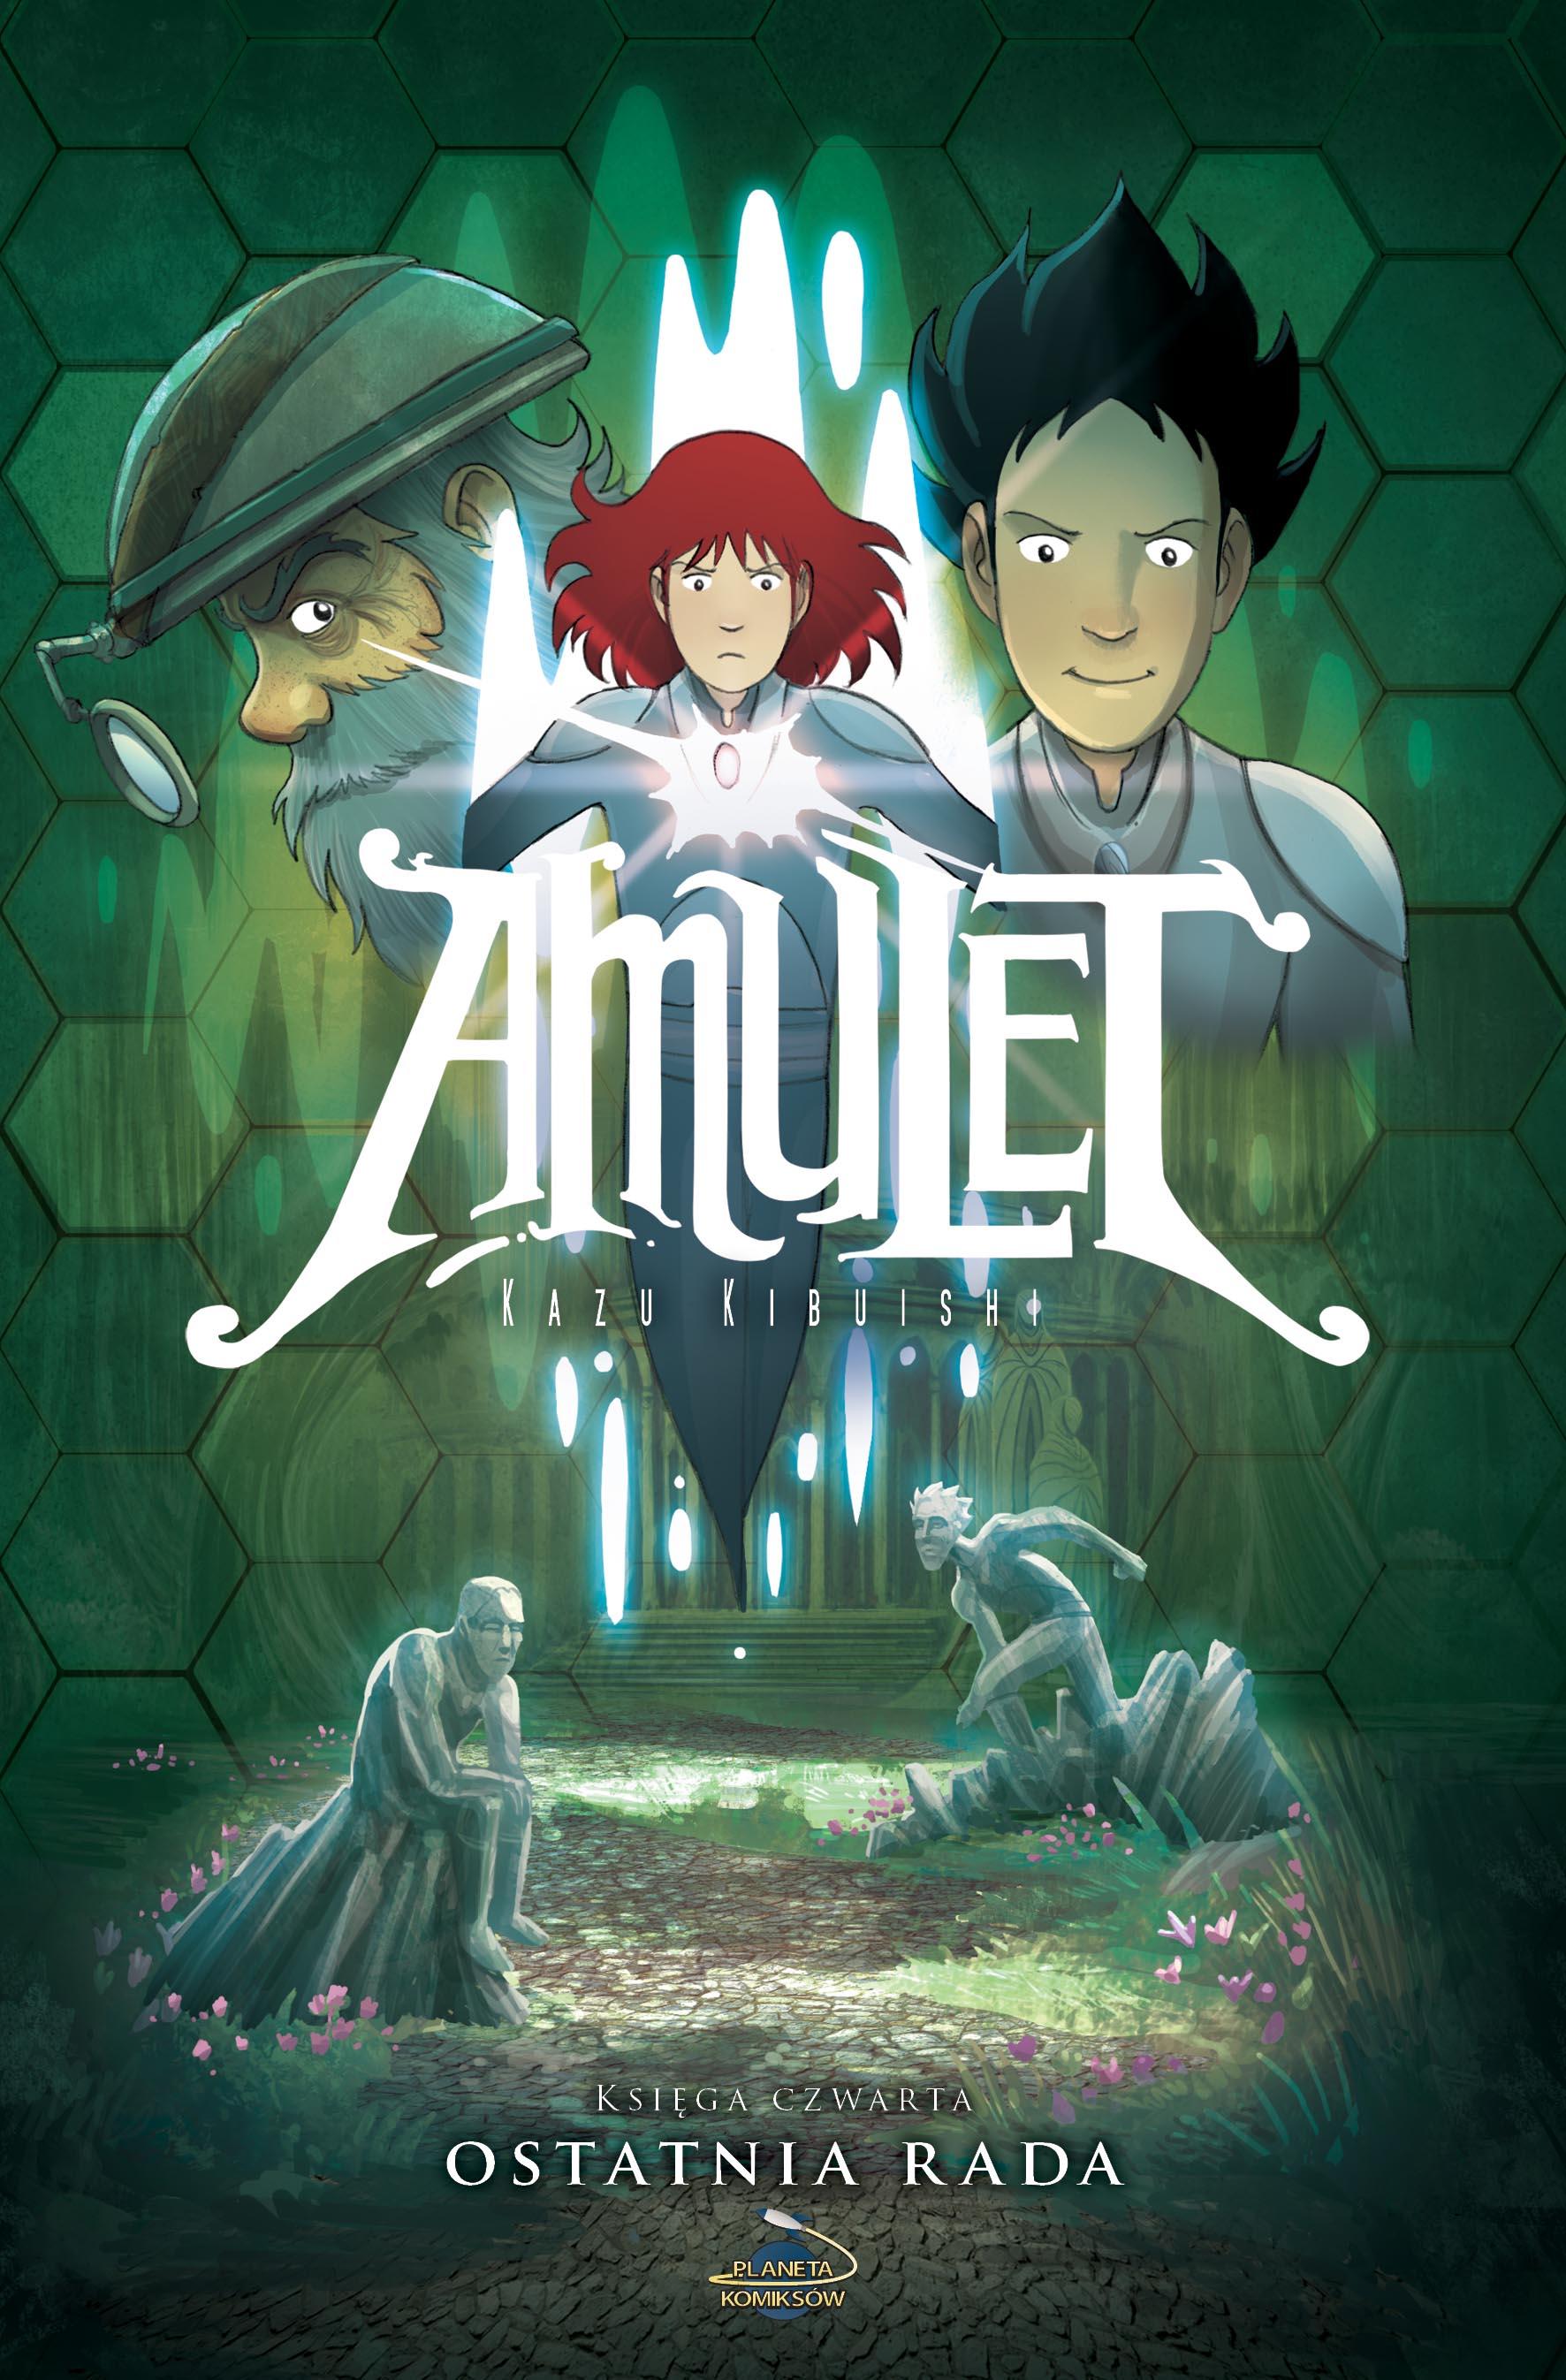 Czwarty tom Amuletu ukaże się 20 sierpnia!